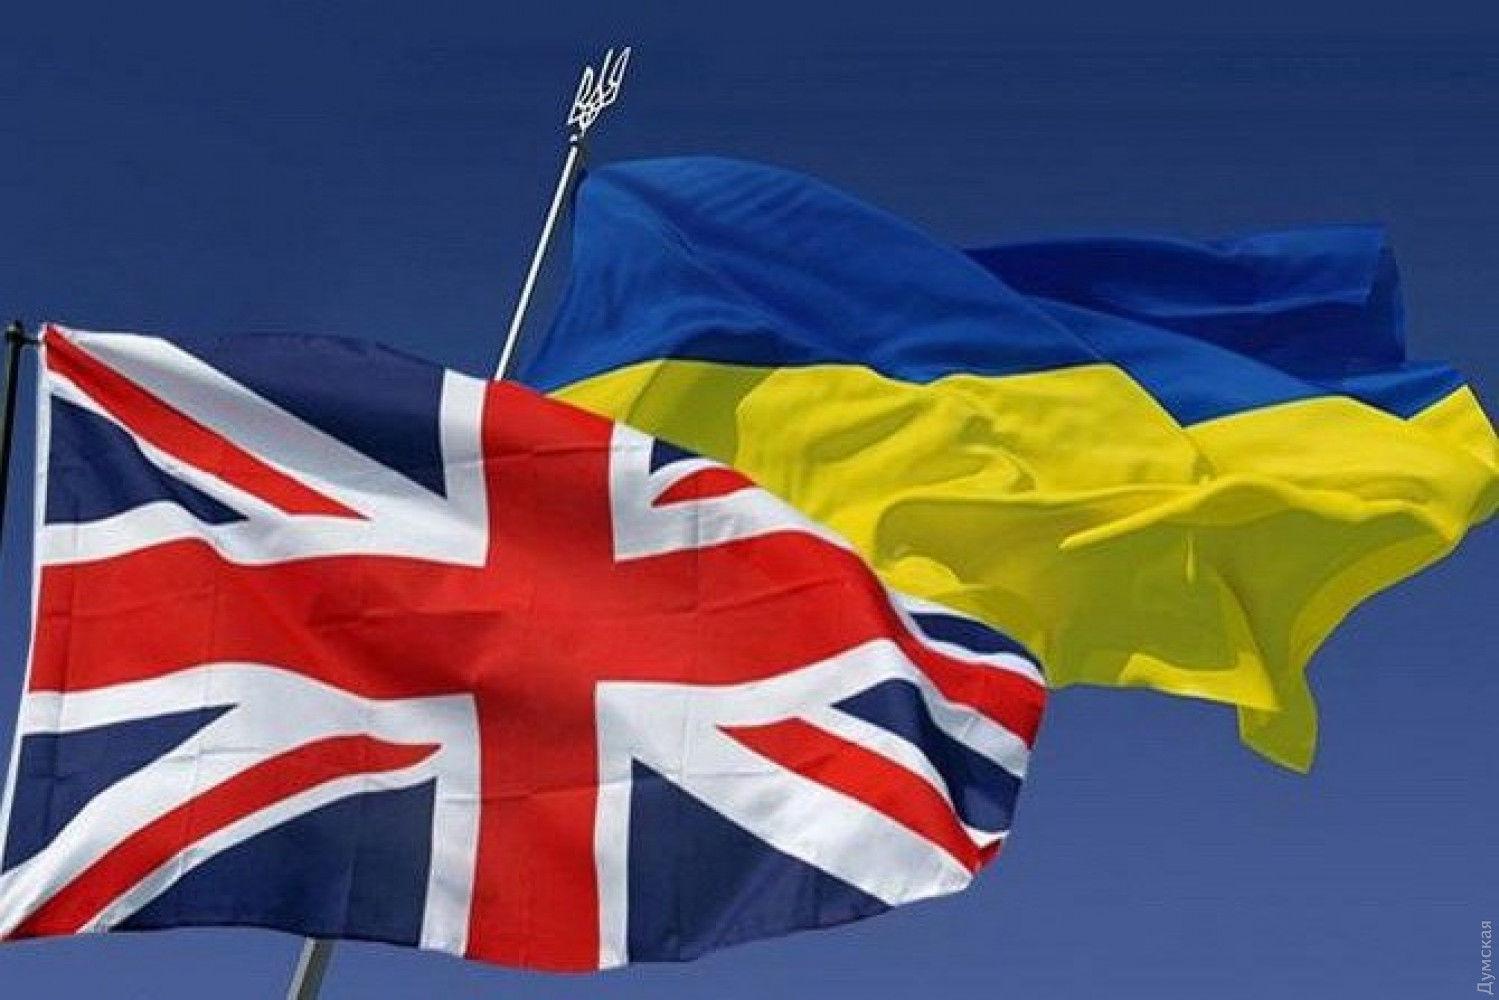 Украина и Великобритания расширяют сотрудничество в оборонной сфере